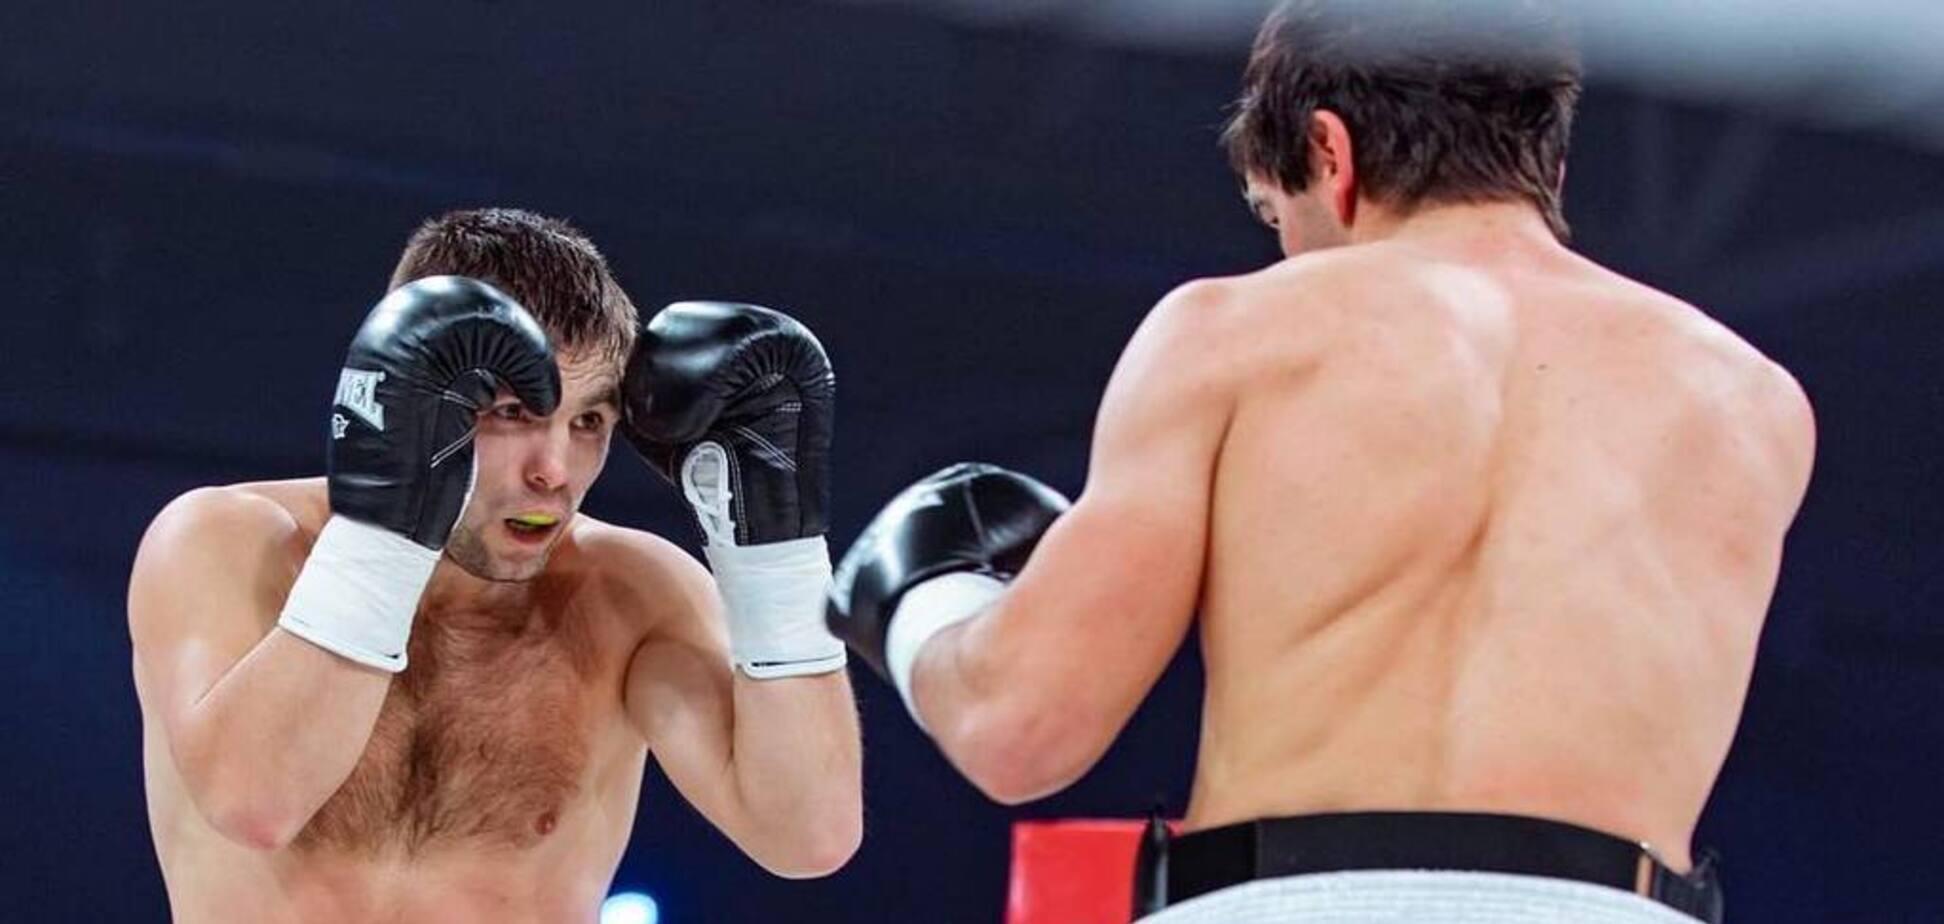 Непобедимый украинский боксер выиграл бой кошмарным нокаутом - видеофакт